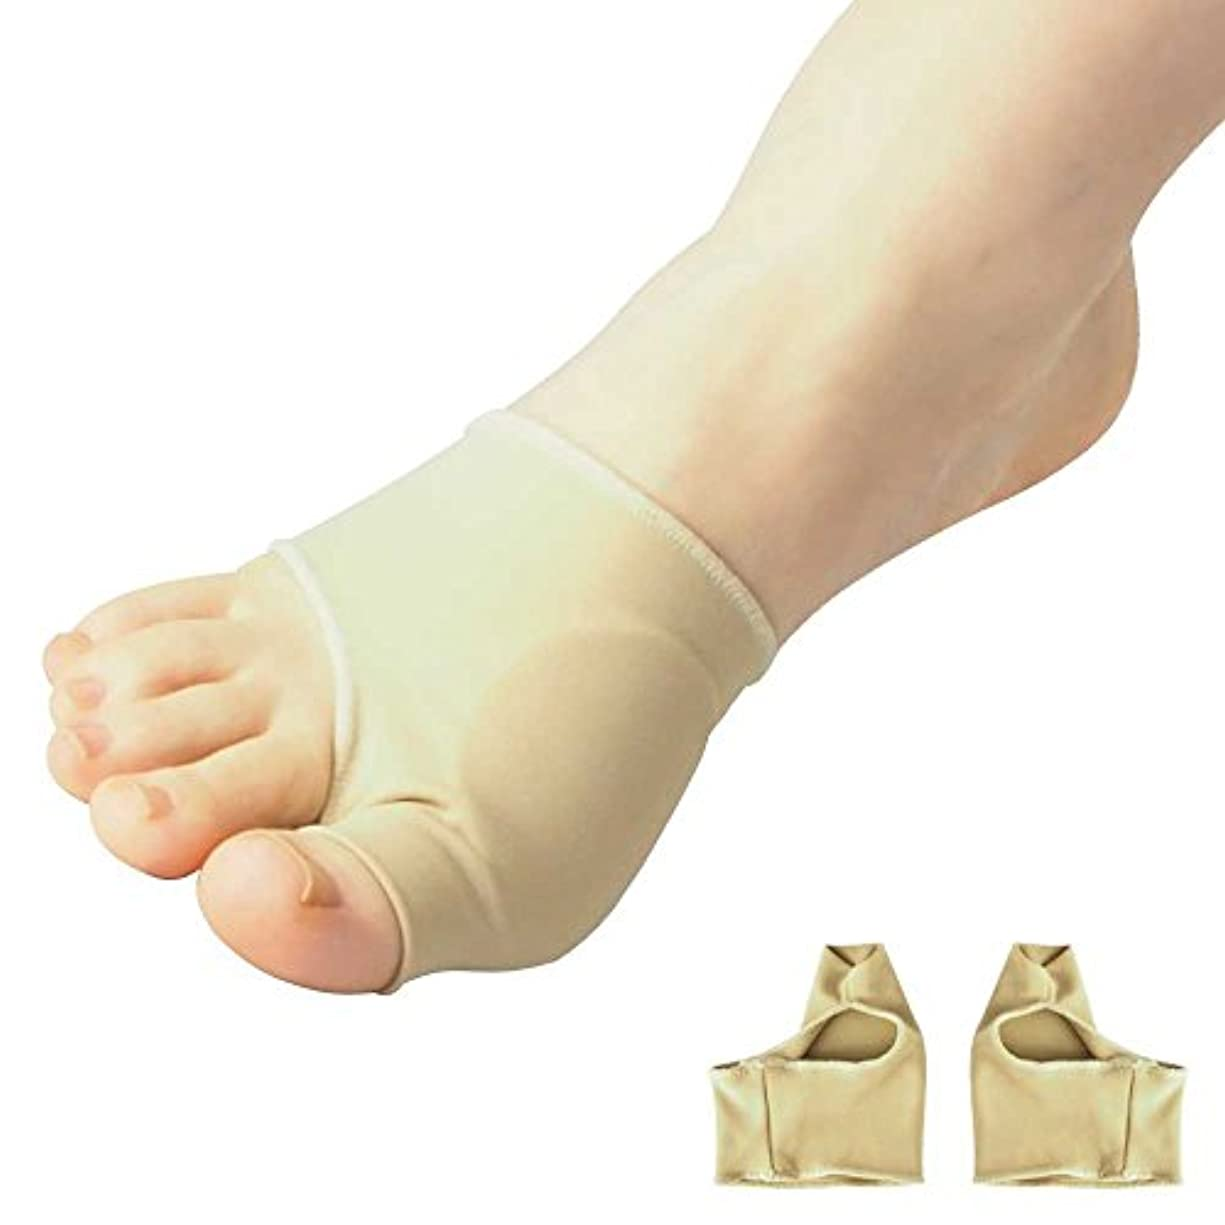 休憩絶望裏切り者外反母趾 フットケア サポーター 靴擦れ対策 (S)